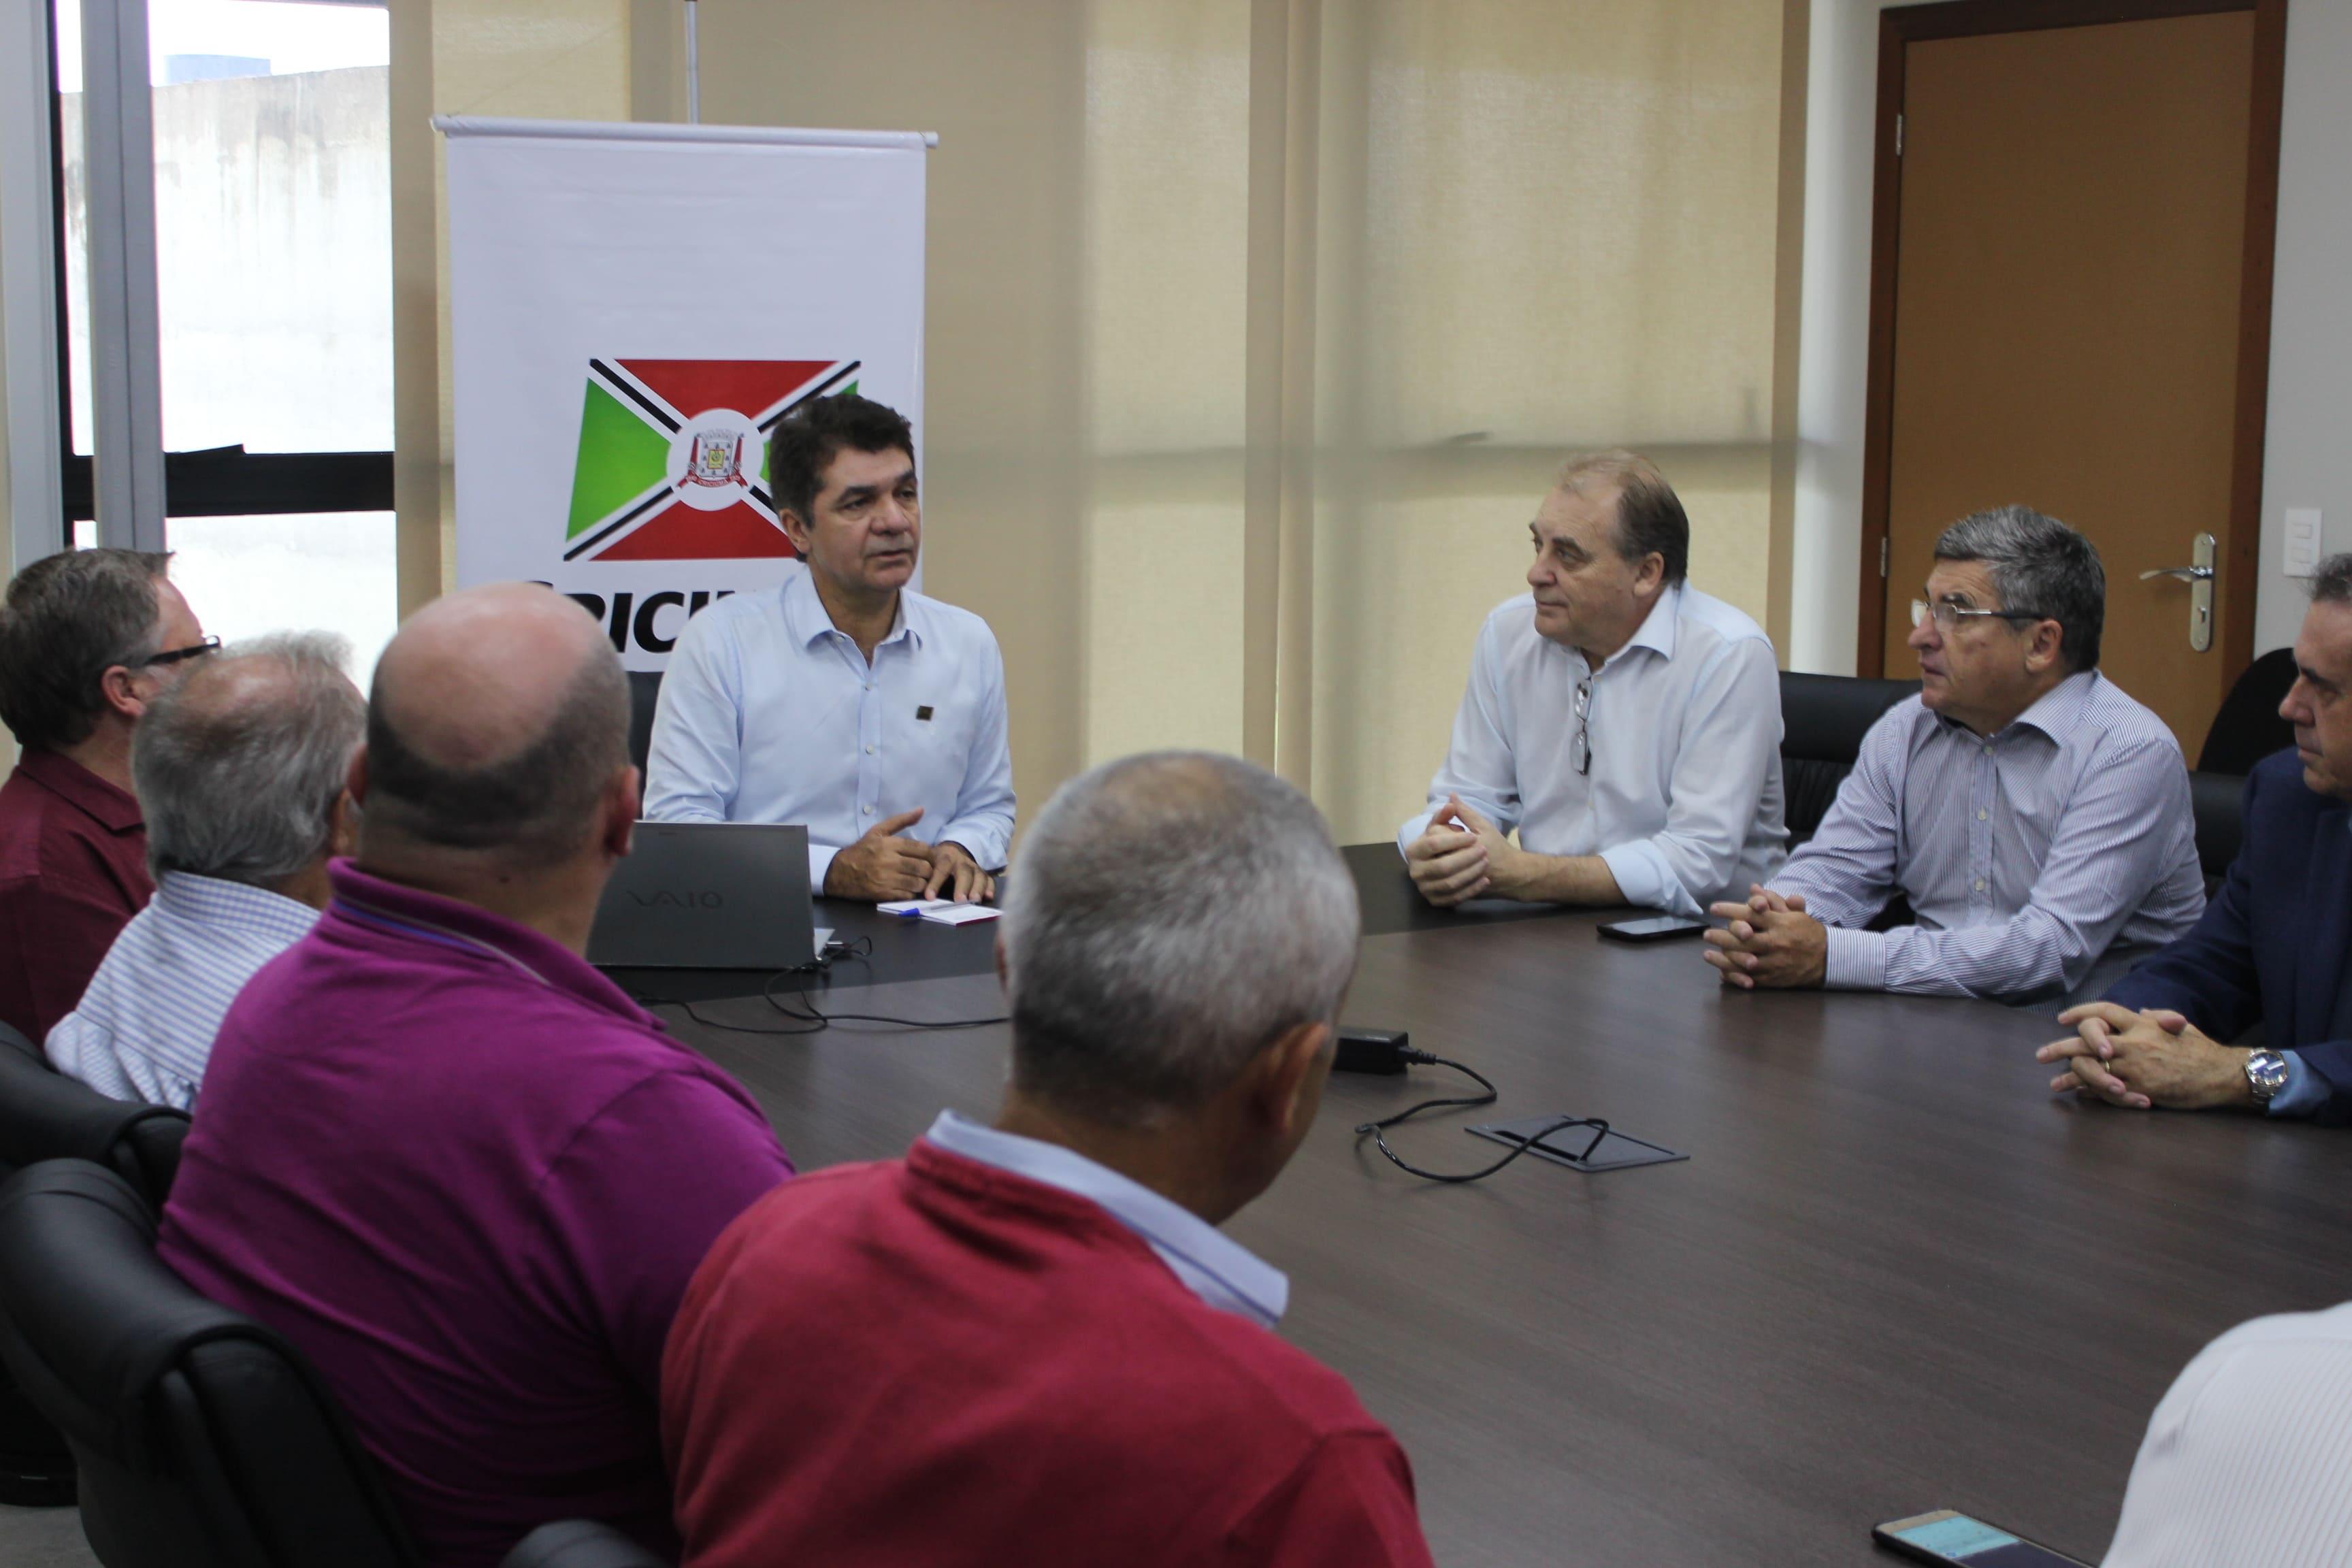 Prefeitura Municipal de Criciúma - Salvaro recebe representante da União e discute mudança de sede da Câmara de Vereadores